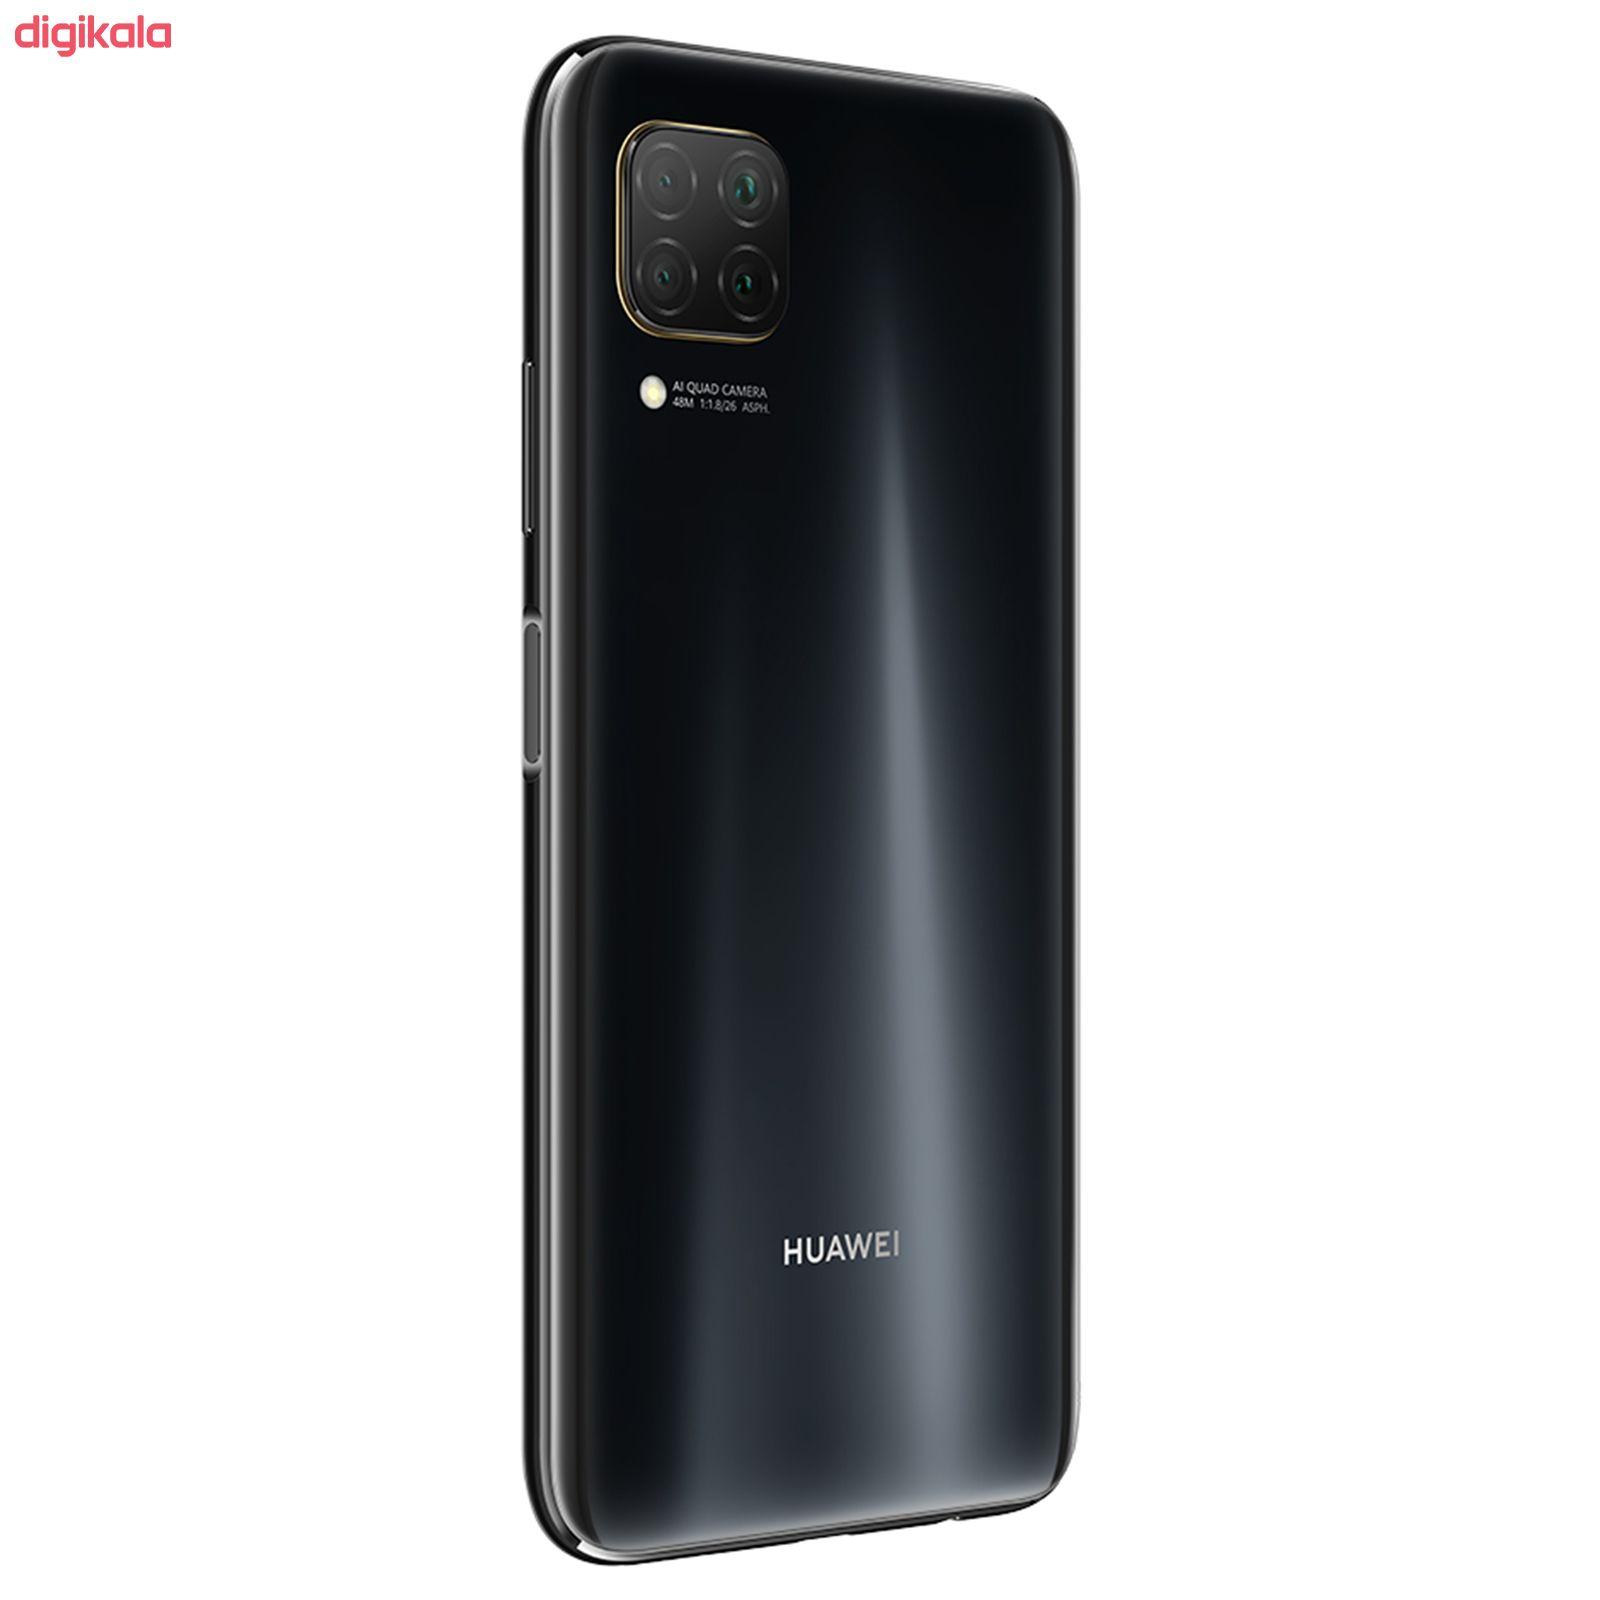 گوشی موبایل هوآوی مدل Nova 7i JNY-LX1 دو سیم کارت ظرفیت 128 گیگابایت به همراه شارژر همراه هدیه main 1 6